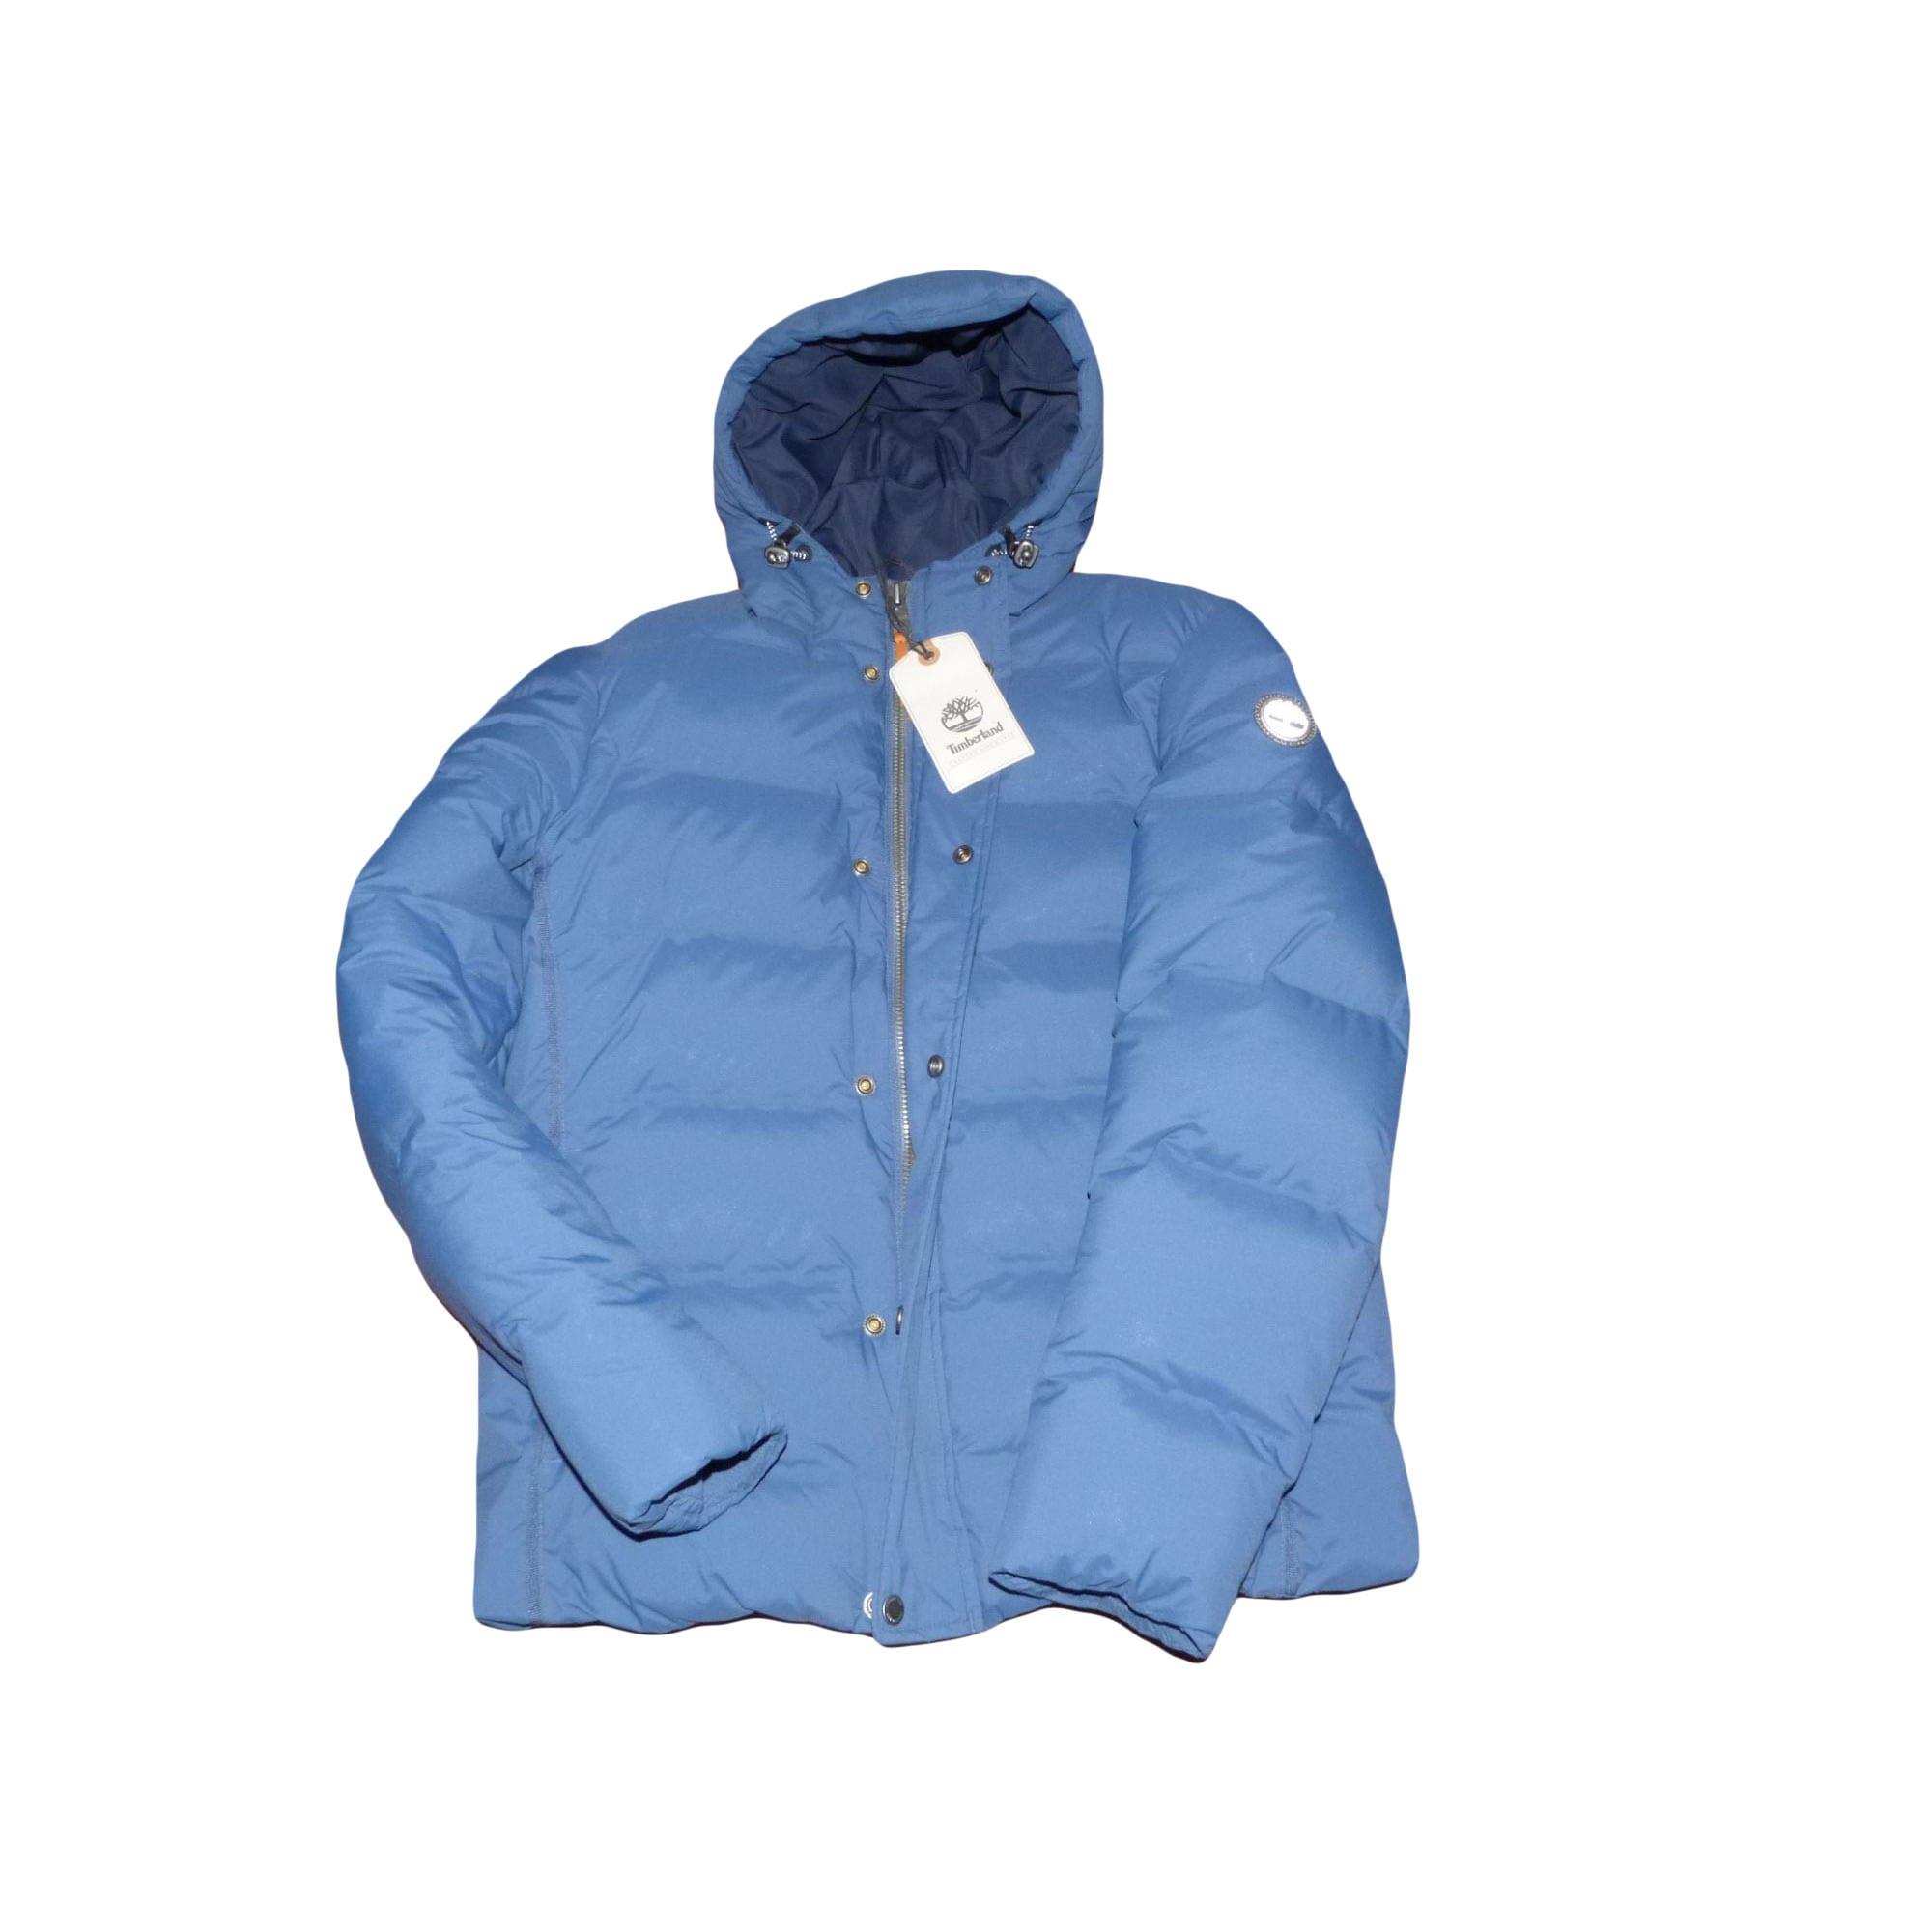 1cd30cba8dac6 Doudoune TIMBERLAND Bleu, bleu marine, bleu turquoise